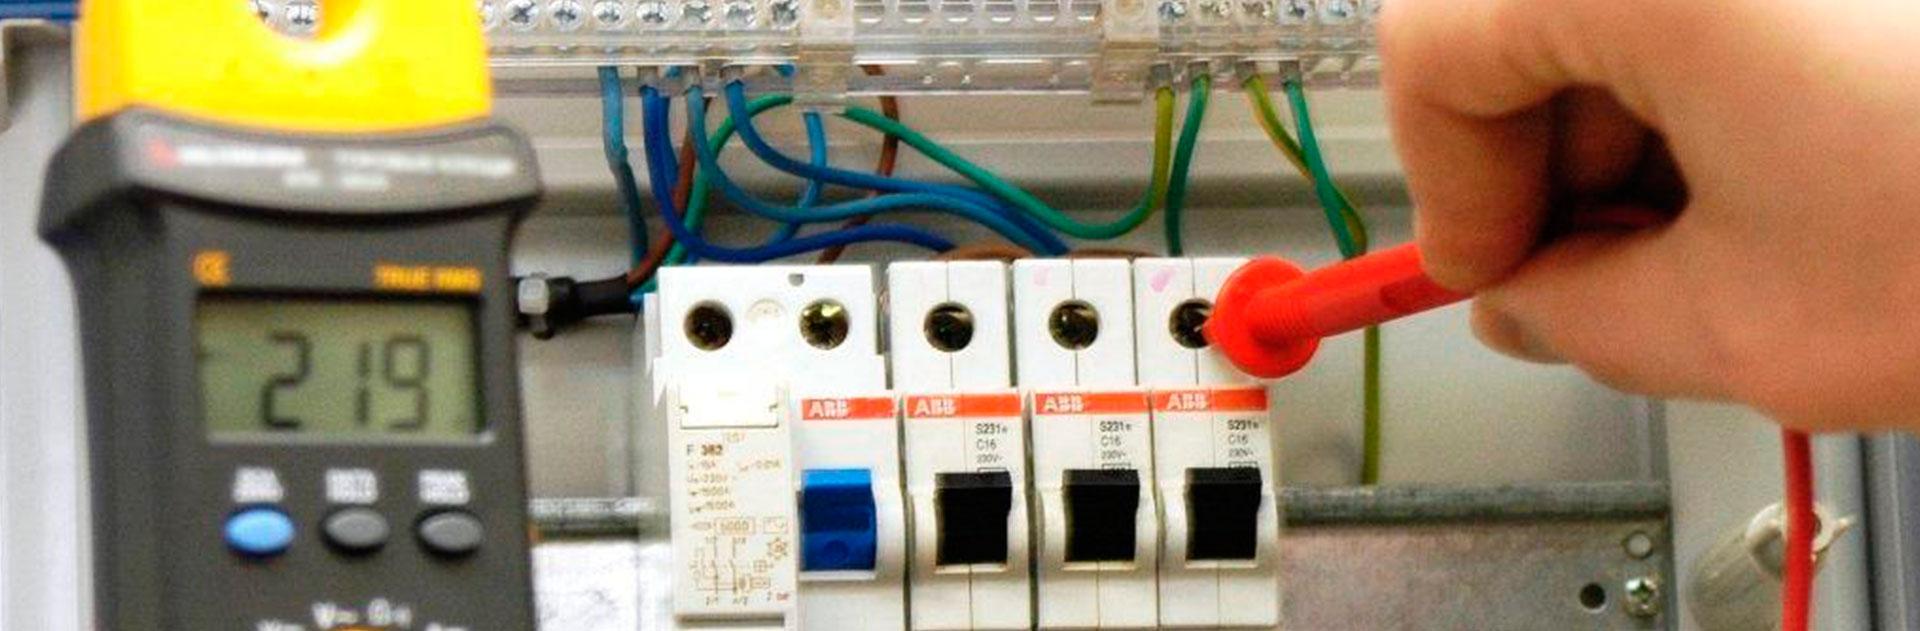 seccion electricidad